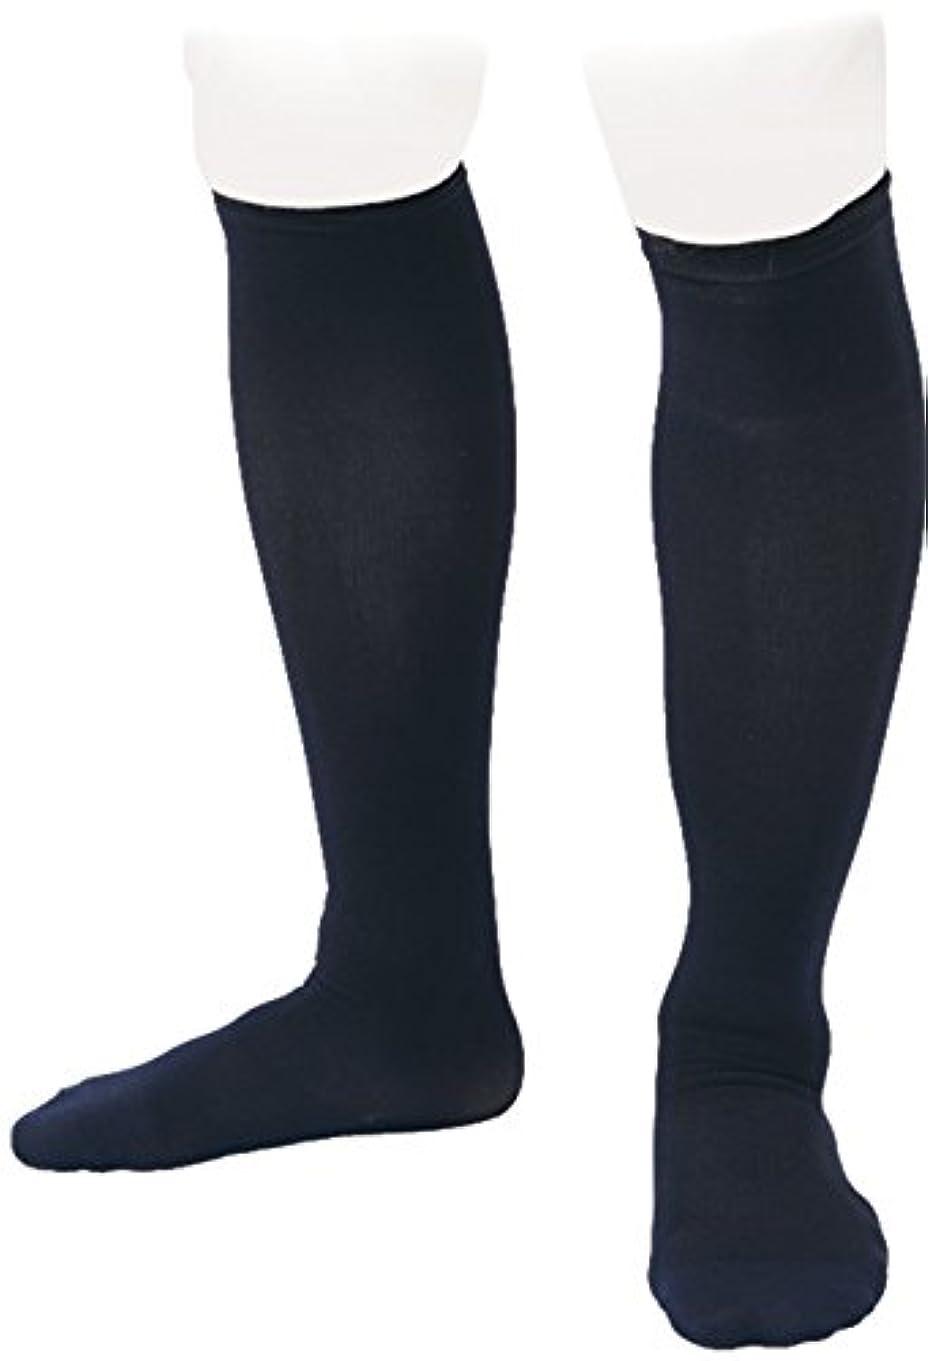 ファンド個人的な傾向【マッスルプロジェクト】日本企画 2足組 メンズ 加圧 ソックス 靴下 黒 ブラック (MP-CS2S) (対応サイズ:25~28cm) 引き締め 運動効果 (新日本プロレス) 棚橋選手 オススメ